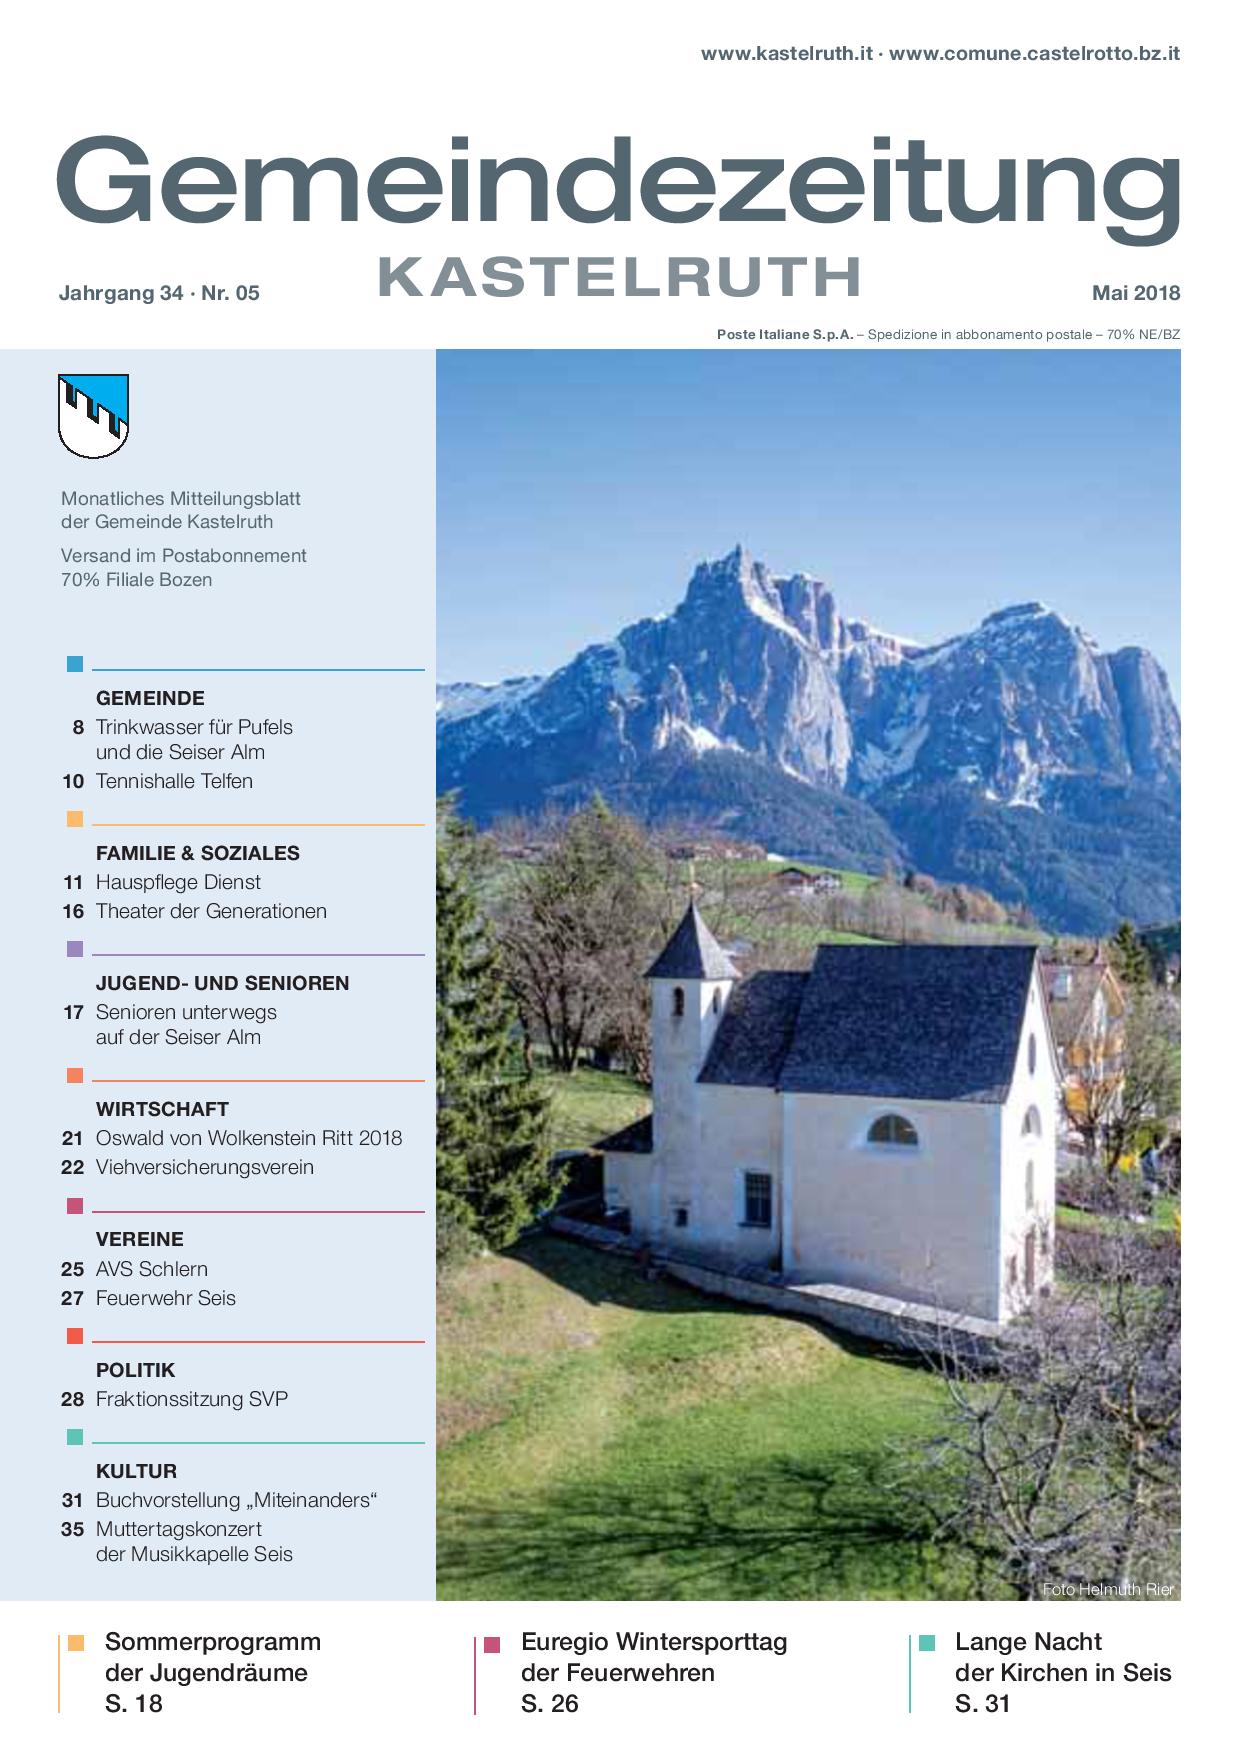 mensile del Comune di Castelrotto - edizione maggio 2018 ...